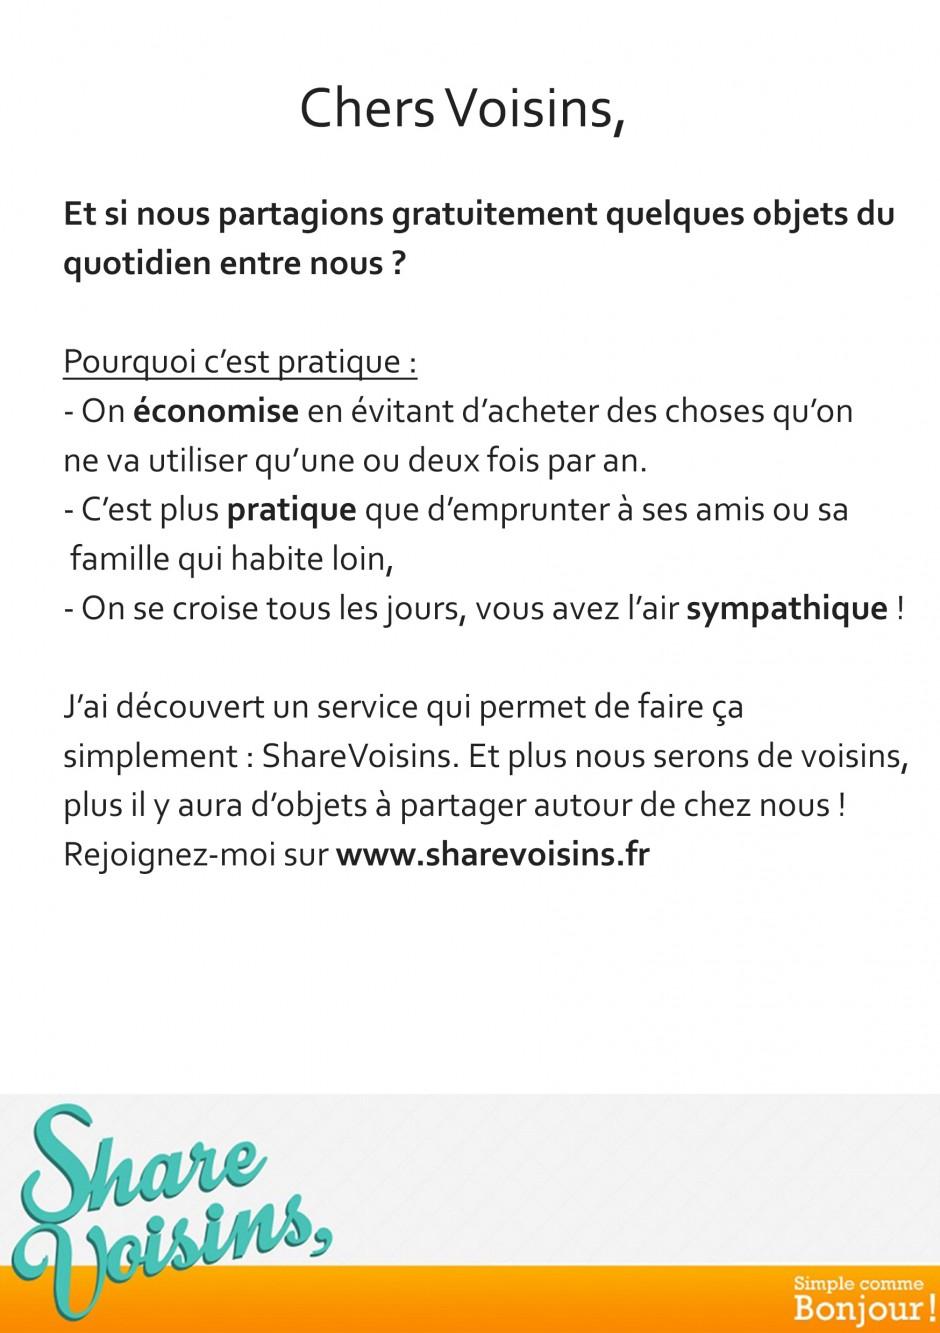 ShareVoisins-flyer